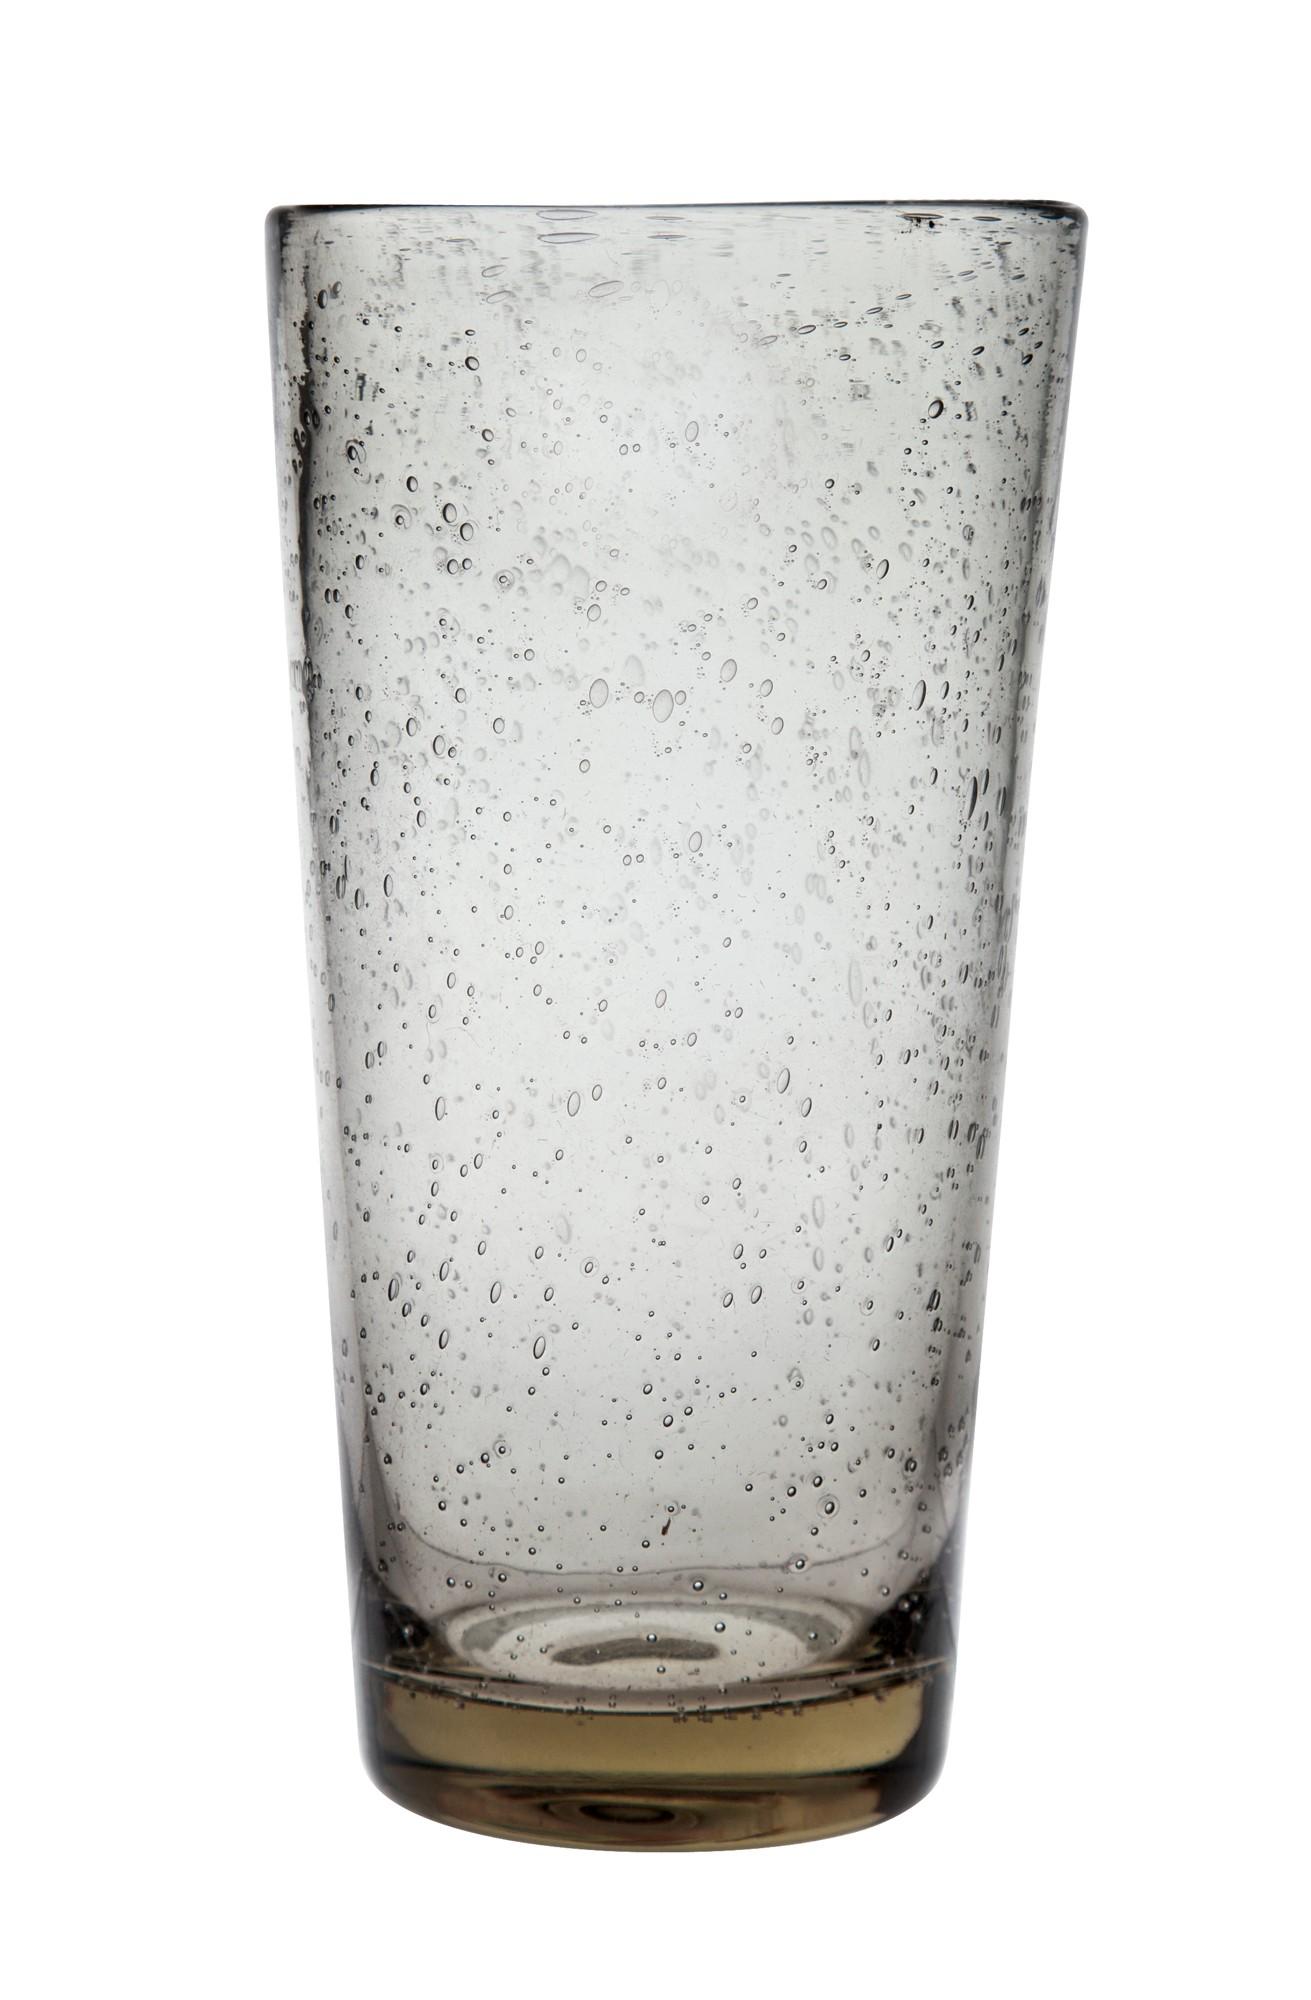 Ποτήρι Νερού - Αναψυκτικού Anise Smoke Σετ 6Τμχ 450ml Ionia home   ειδη σερβιρισματος   ποτήρια